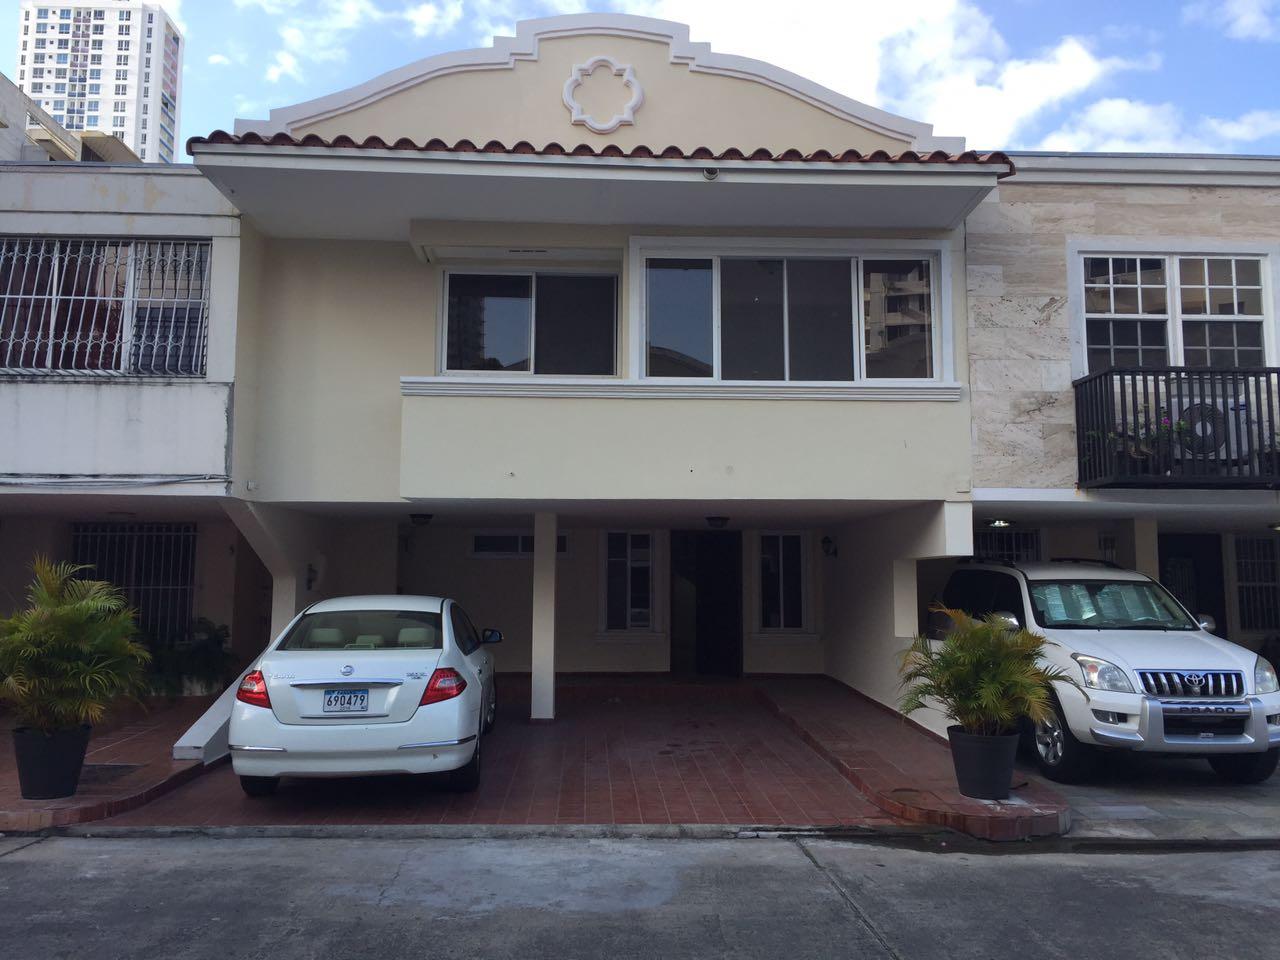 El-Carmen-Panama-property-panamaequityel-carmen-home-close-episcopal-6.jpg